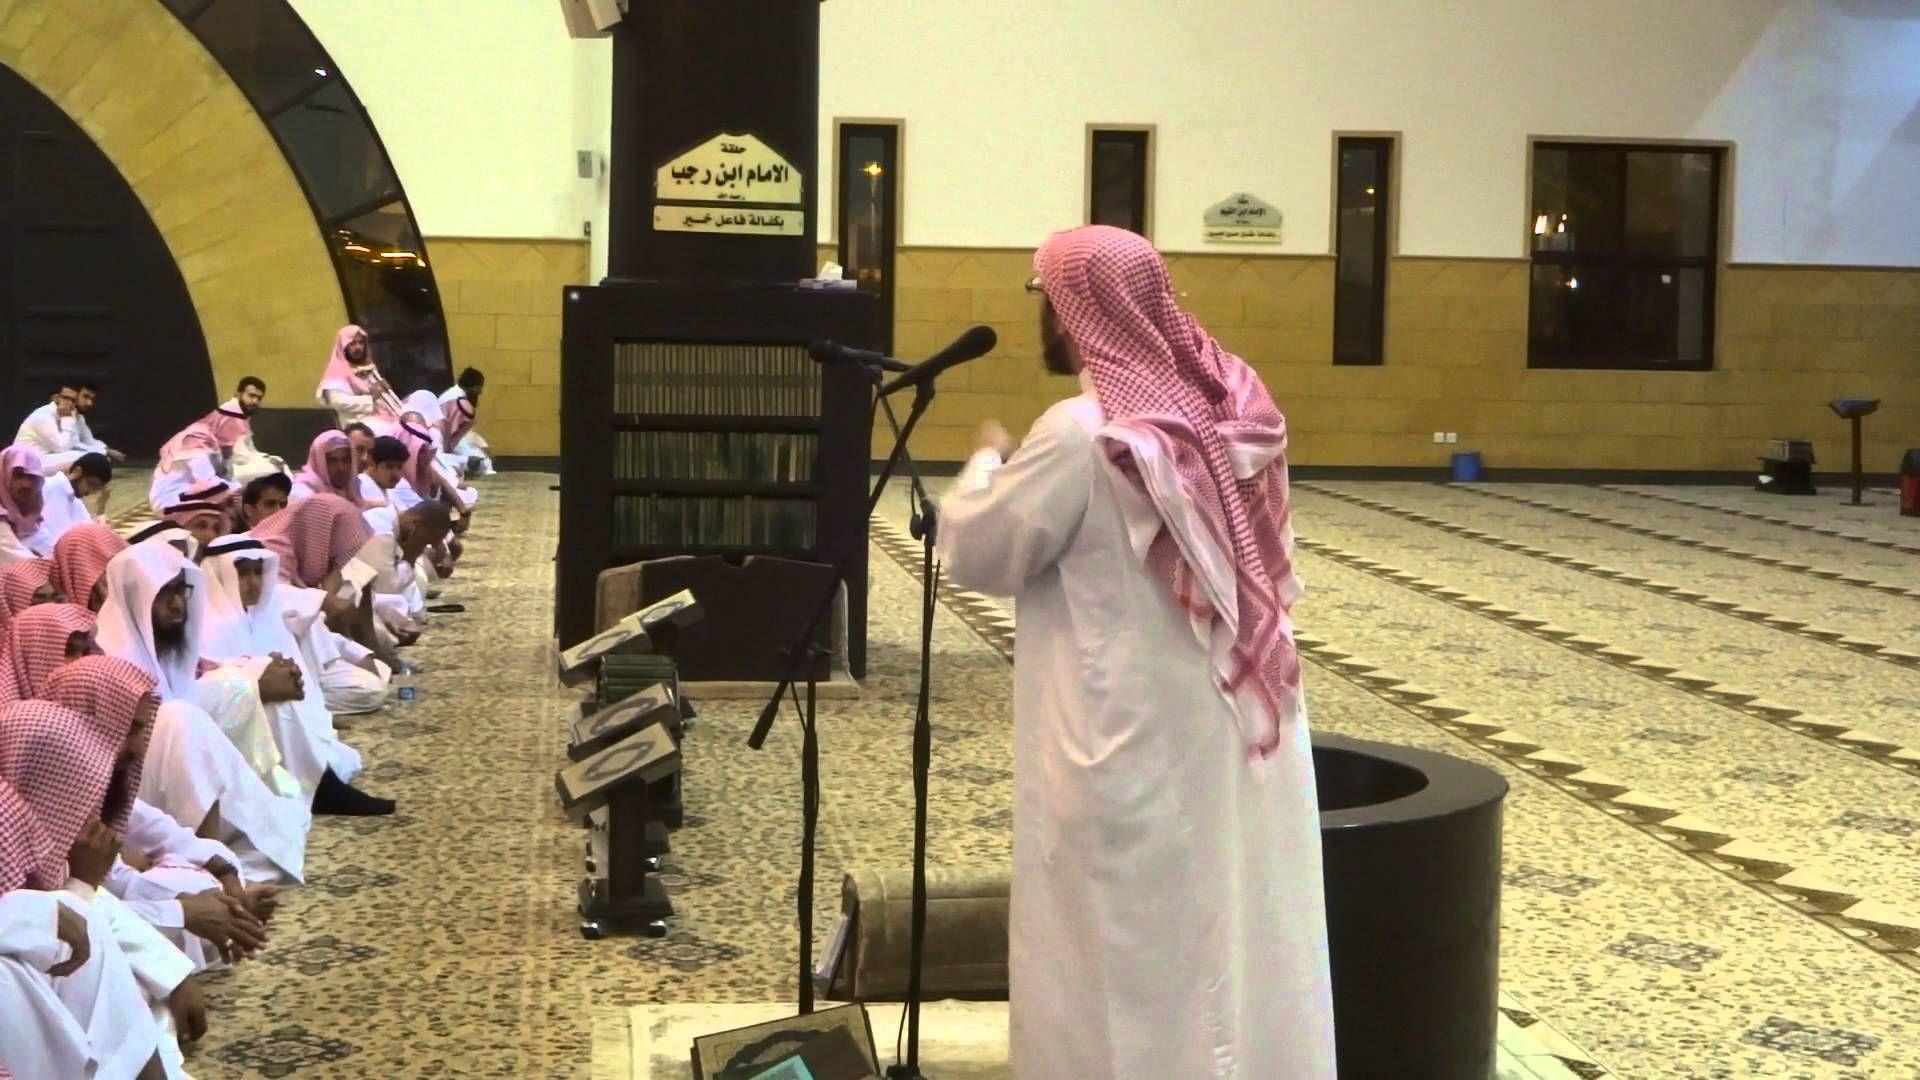 كلمة عن الوضوء بعد صلاة العشاء يوم الأربعاء 21 06 1437هـ في جامع الدخيل